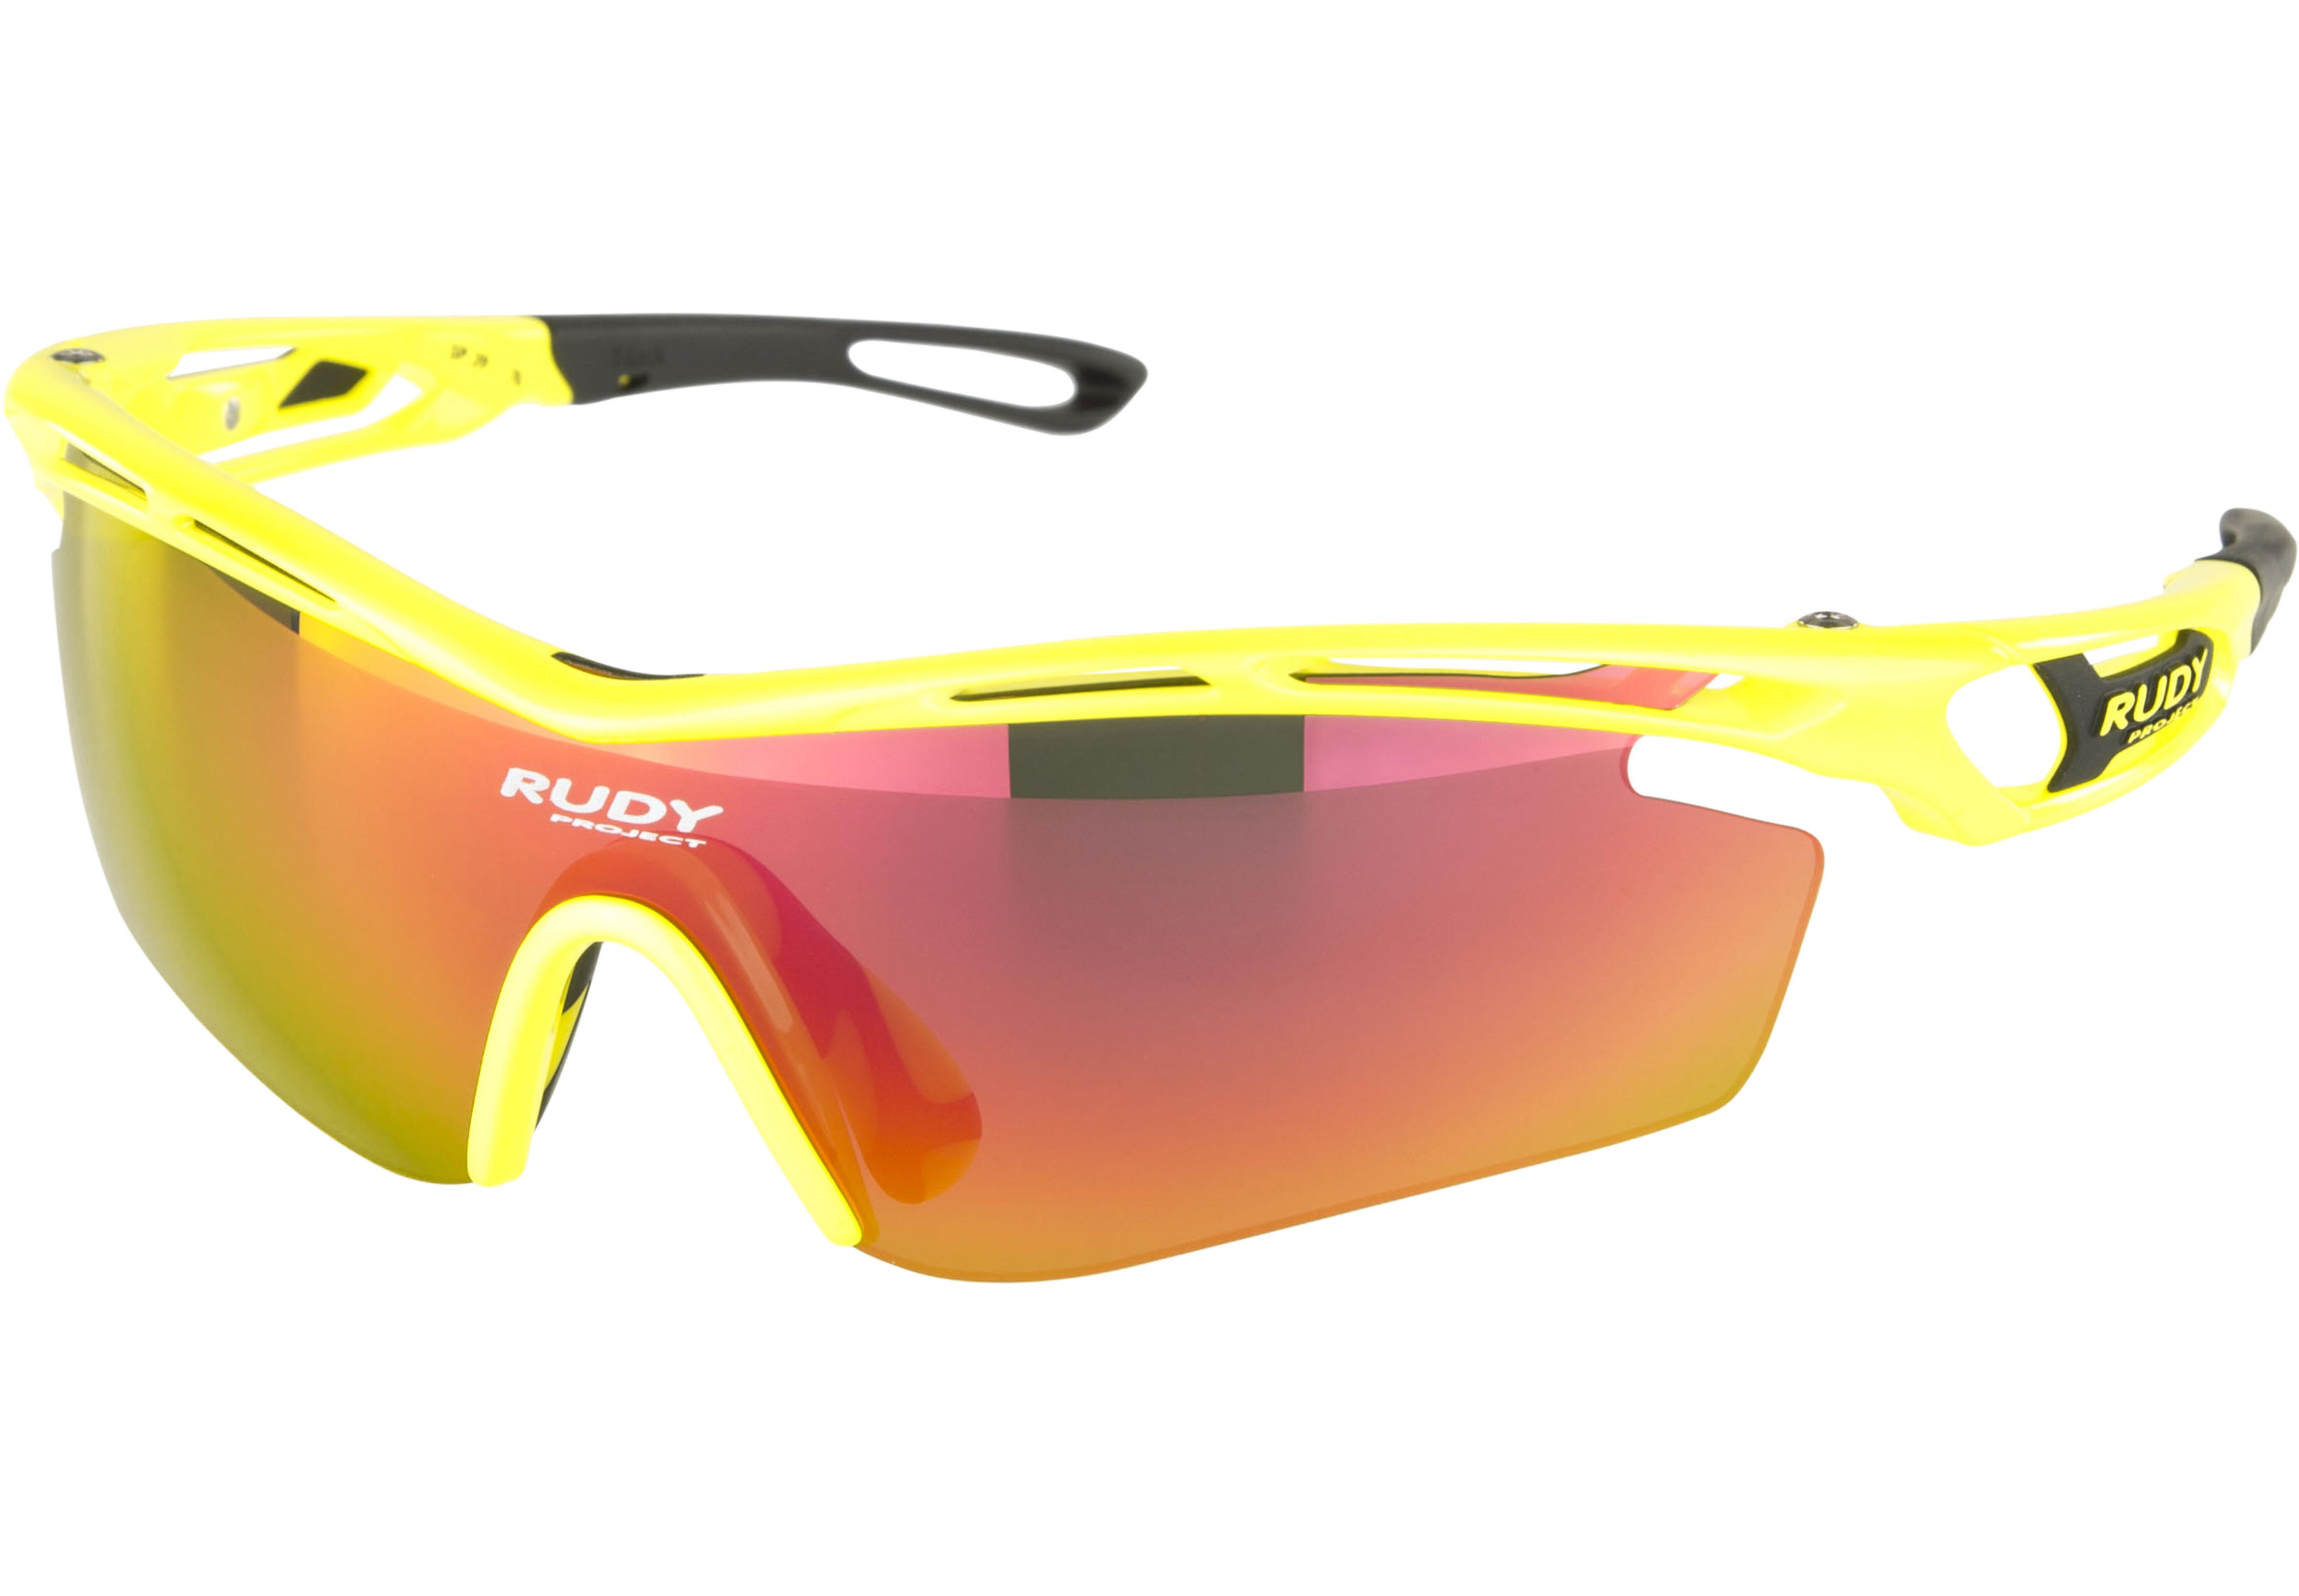 5e6d32c9d3 Rudy Project Tralyx SX - Gafas ciclismo Mujer - amarillo | Bikester.es